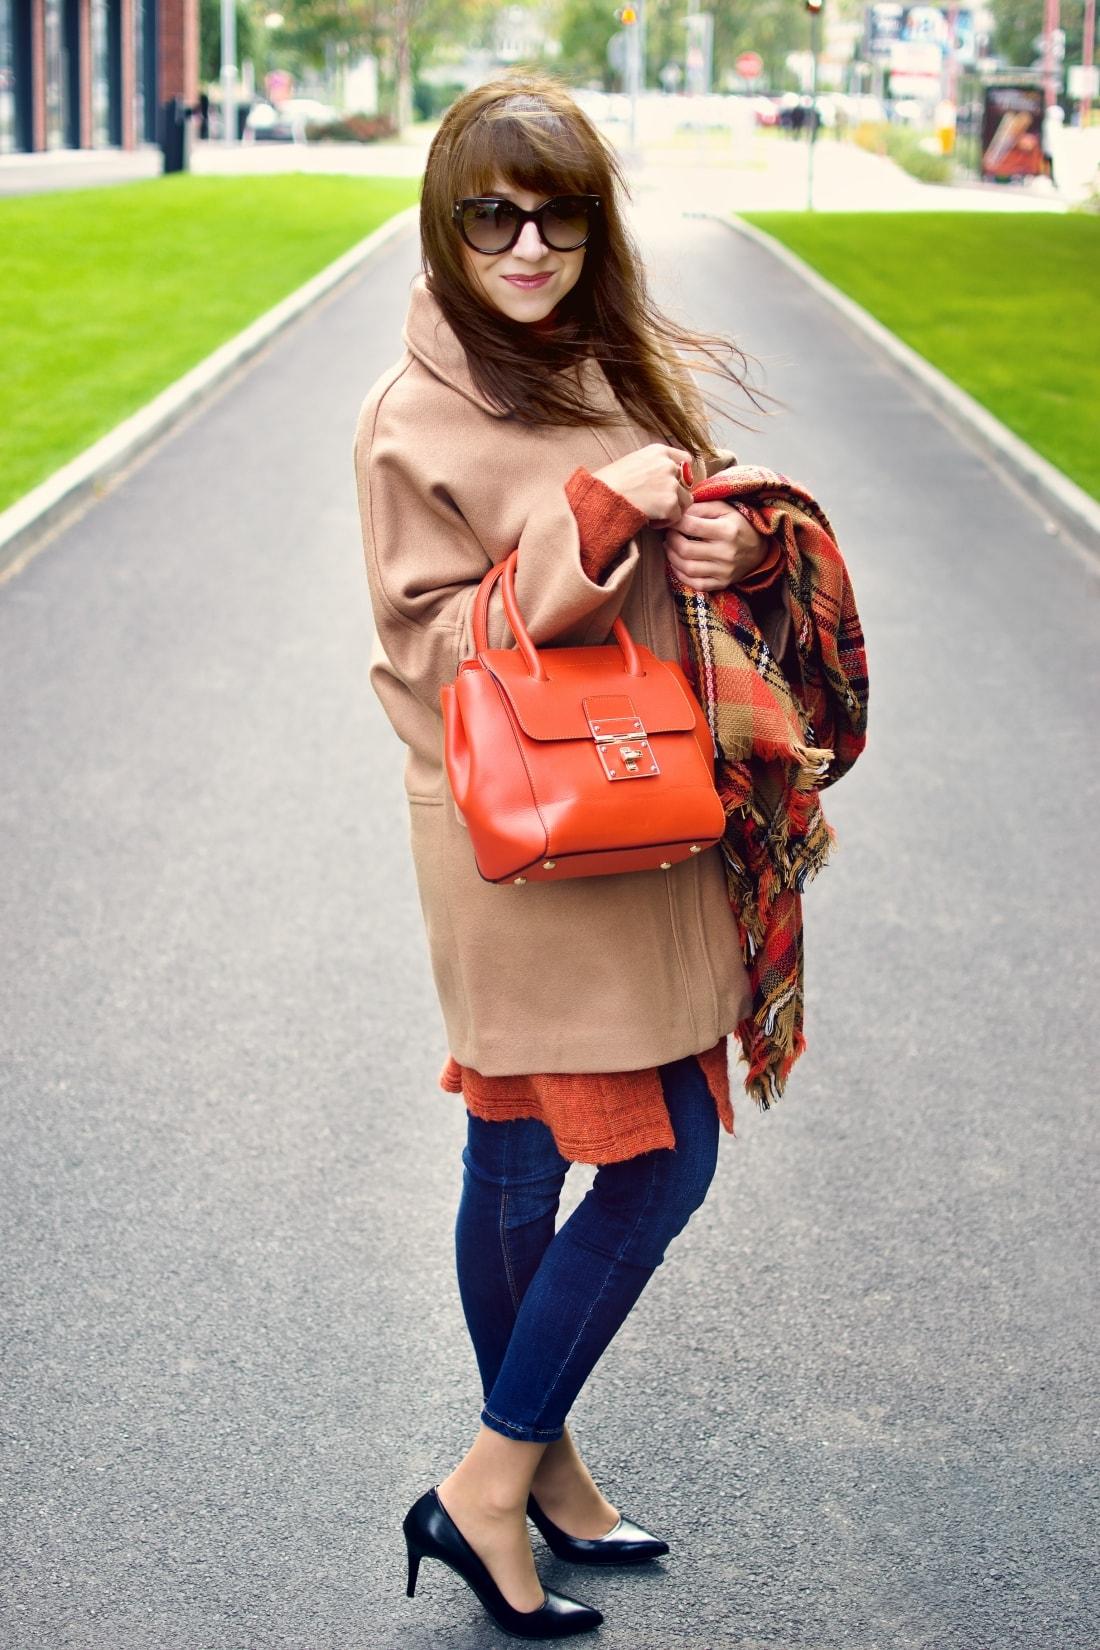 Outfit vecou nálady_Katharine-fashion is beautiful_ blog 5_Tartanový šál_Béžový kabát Mango_Oranžová kabelka Nucelle_Katarína Jakubčová_Fashion blogger